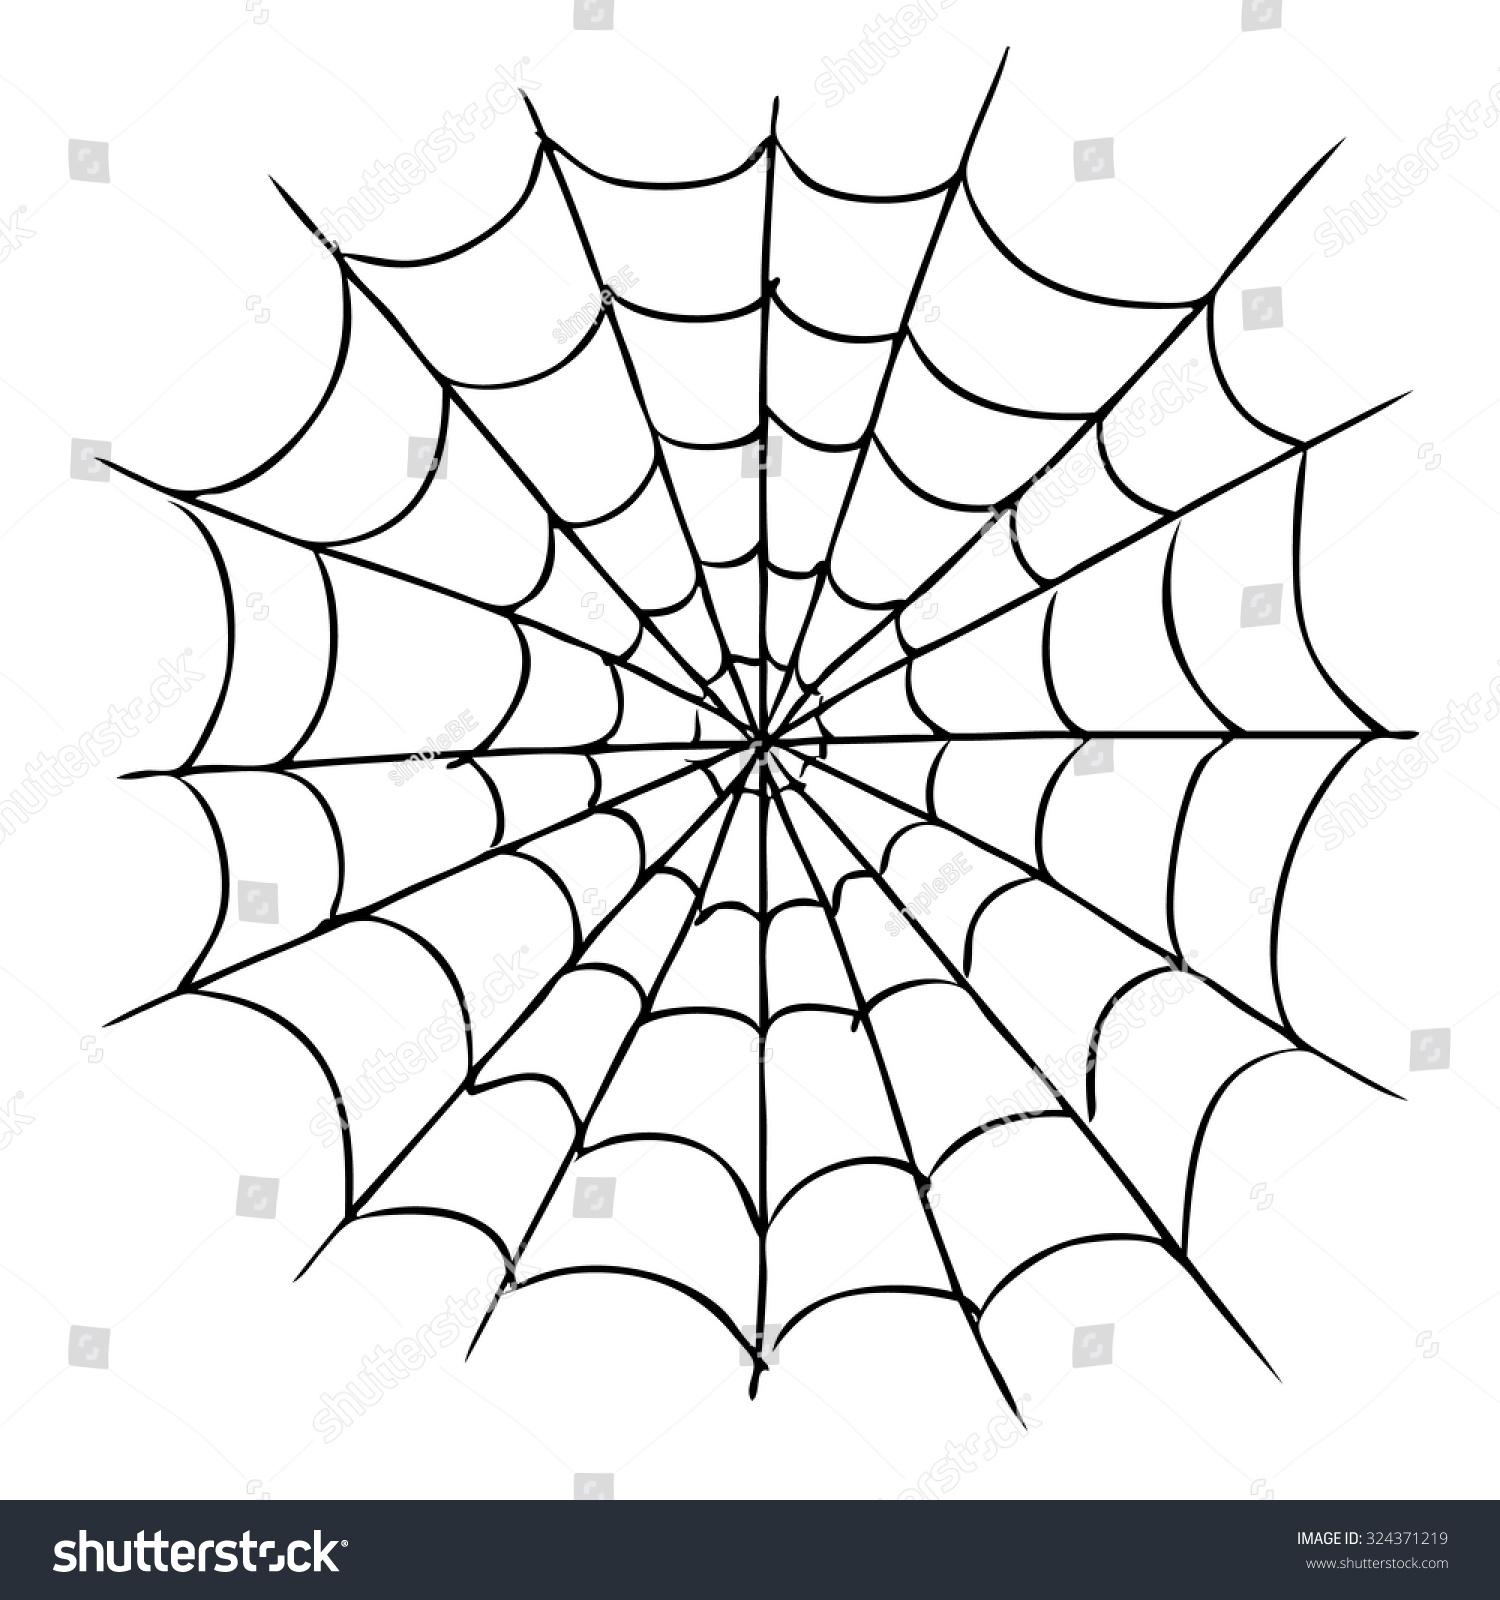 Freehand Sketch Illustration Of Spider Web Doodle Hand